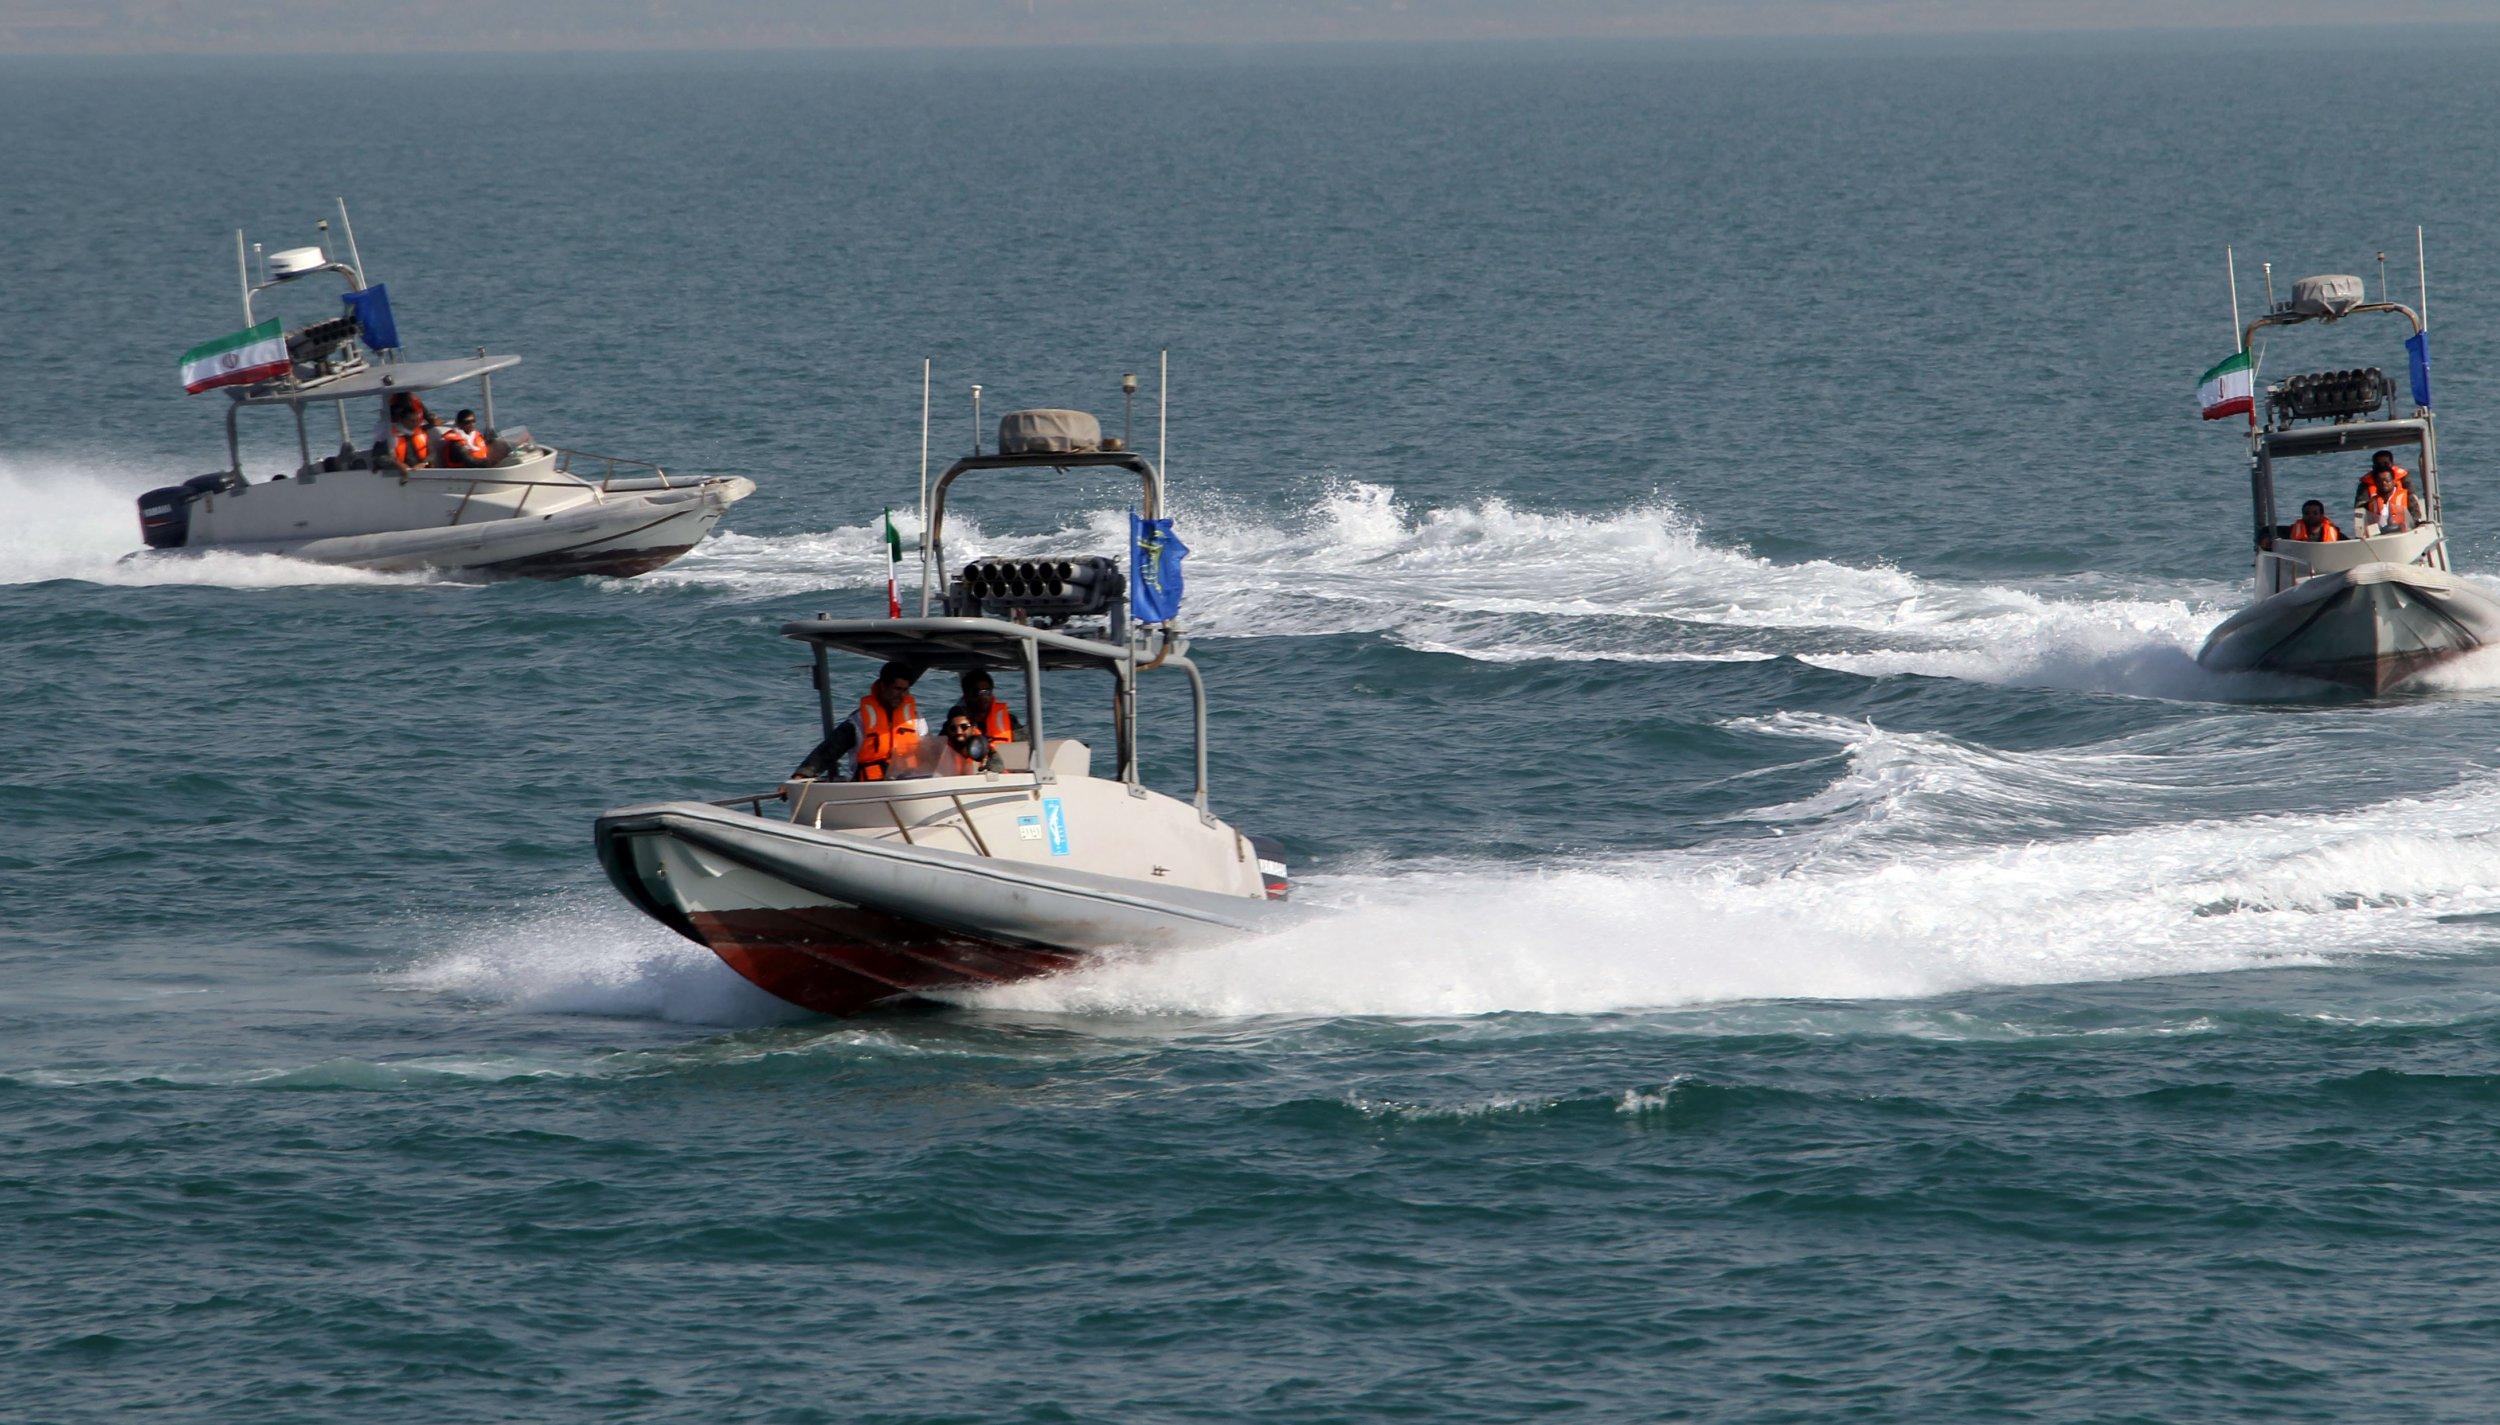 Iran boats navy attack US war